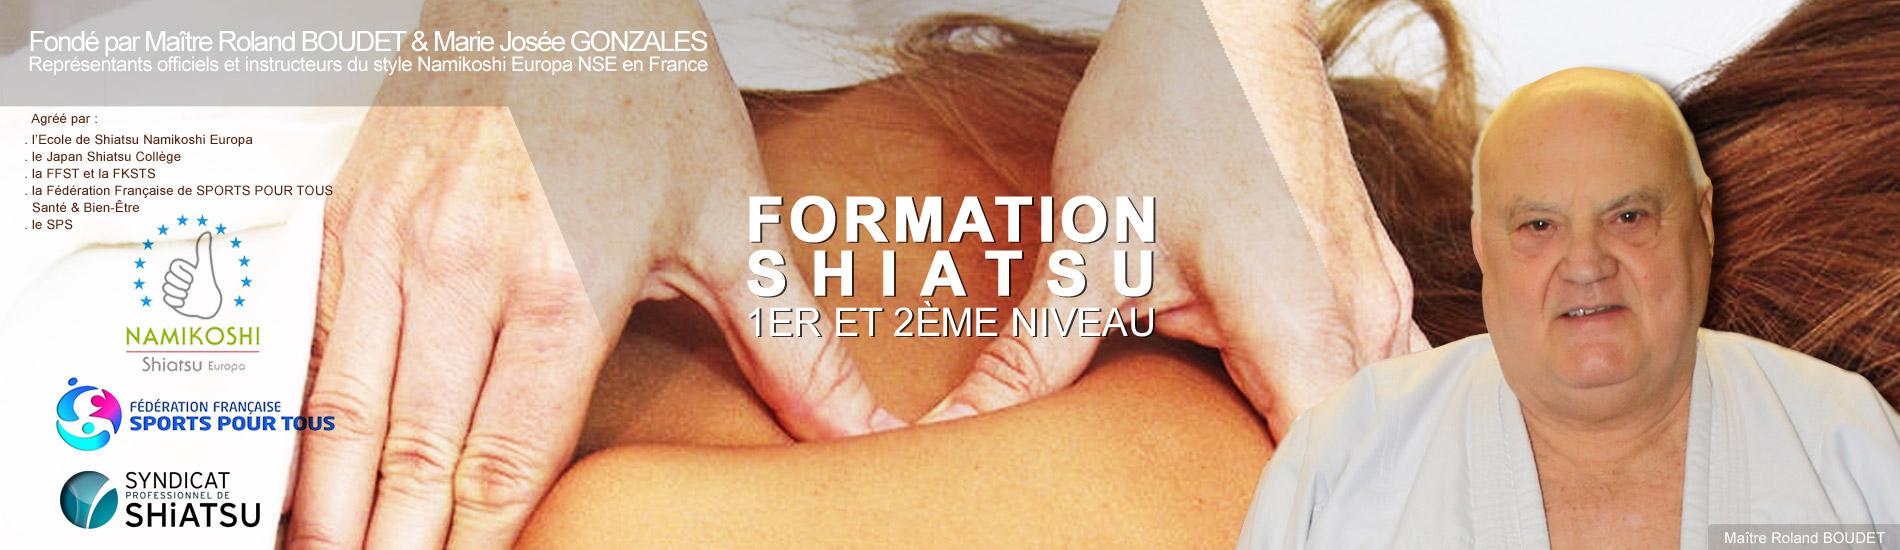 FORMATION</br>SHIATSU